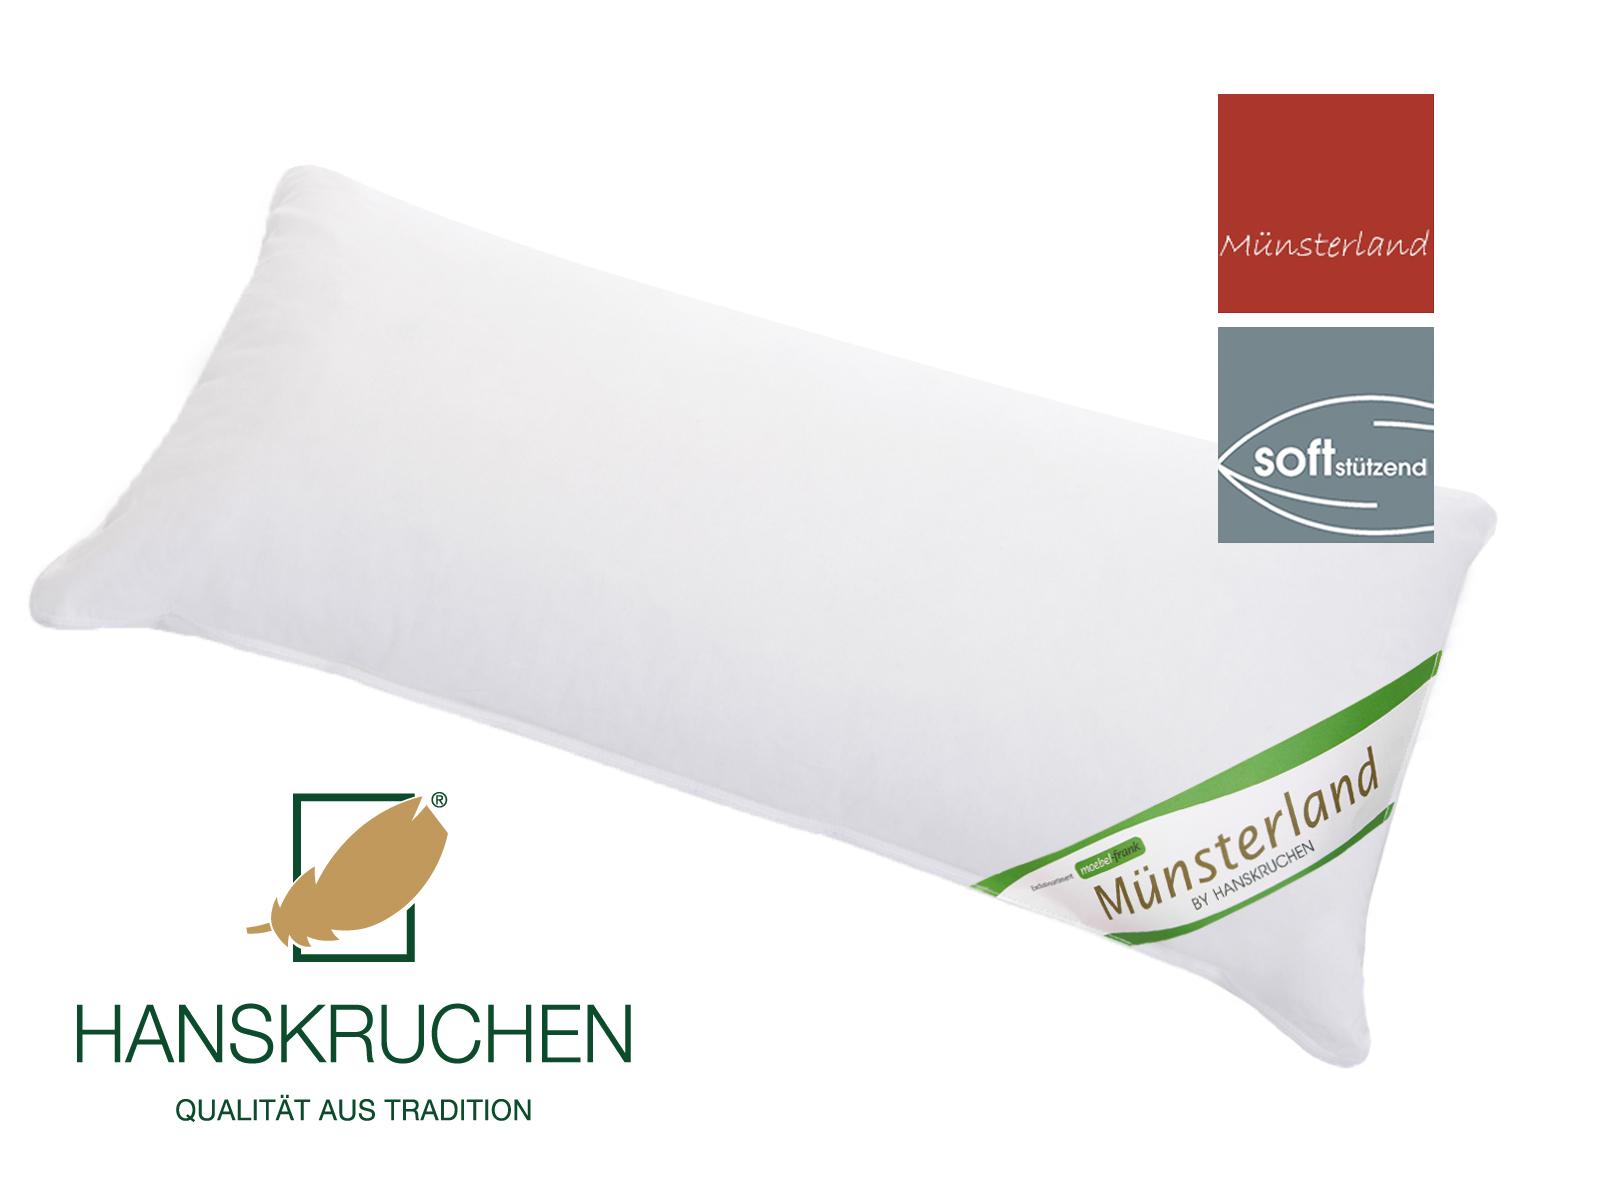 3-Kammer Kopfkissen neue Gänsedaune und -federn Baumwolle Münsterland 80x80cm und 40x80cm – Bild 3